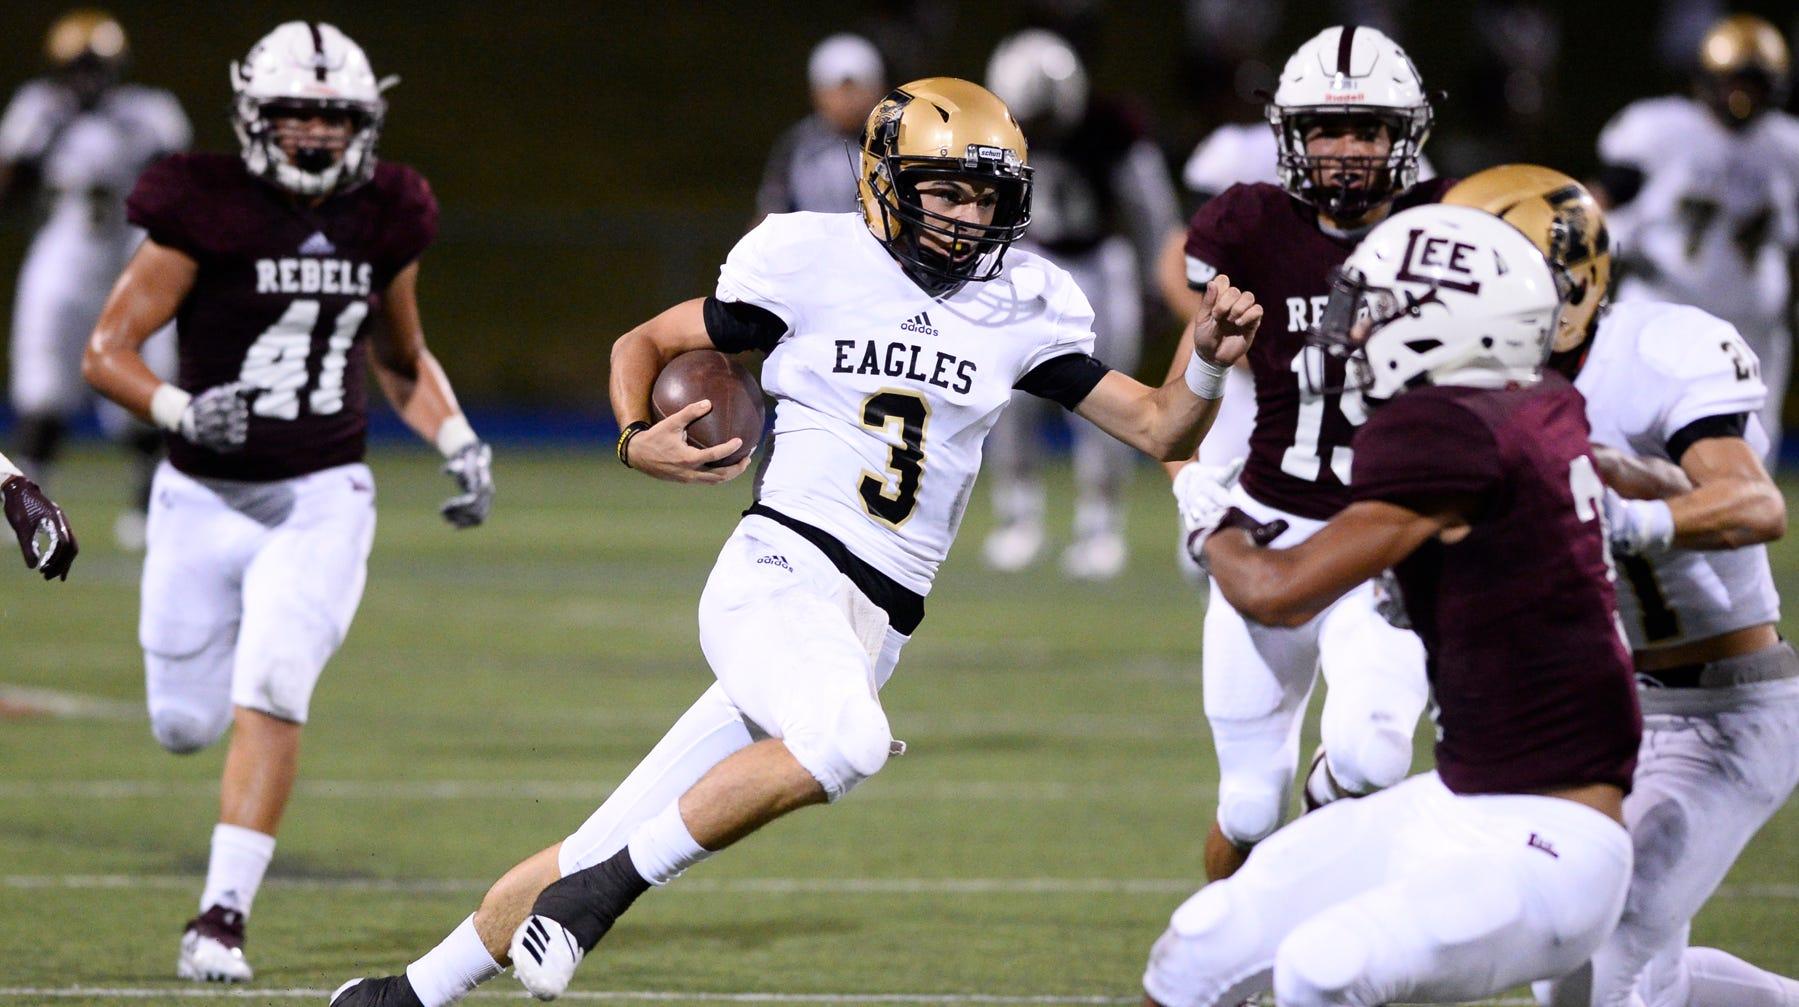 Abilene High Football Wins A Tight One Over Lee